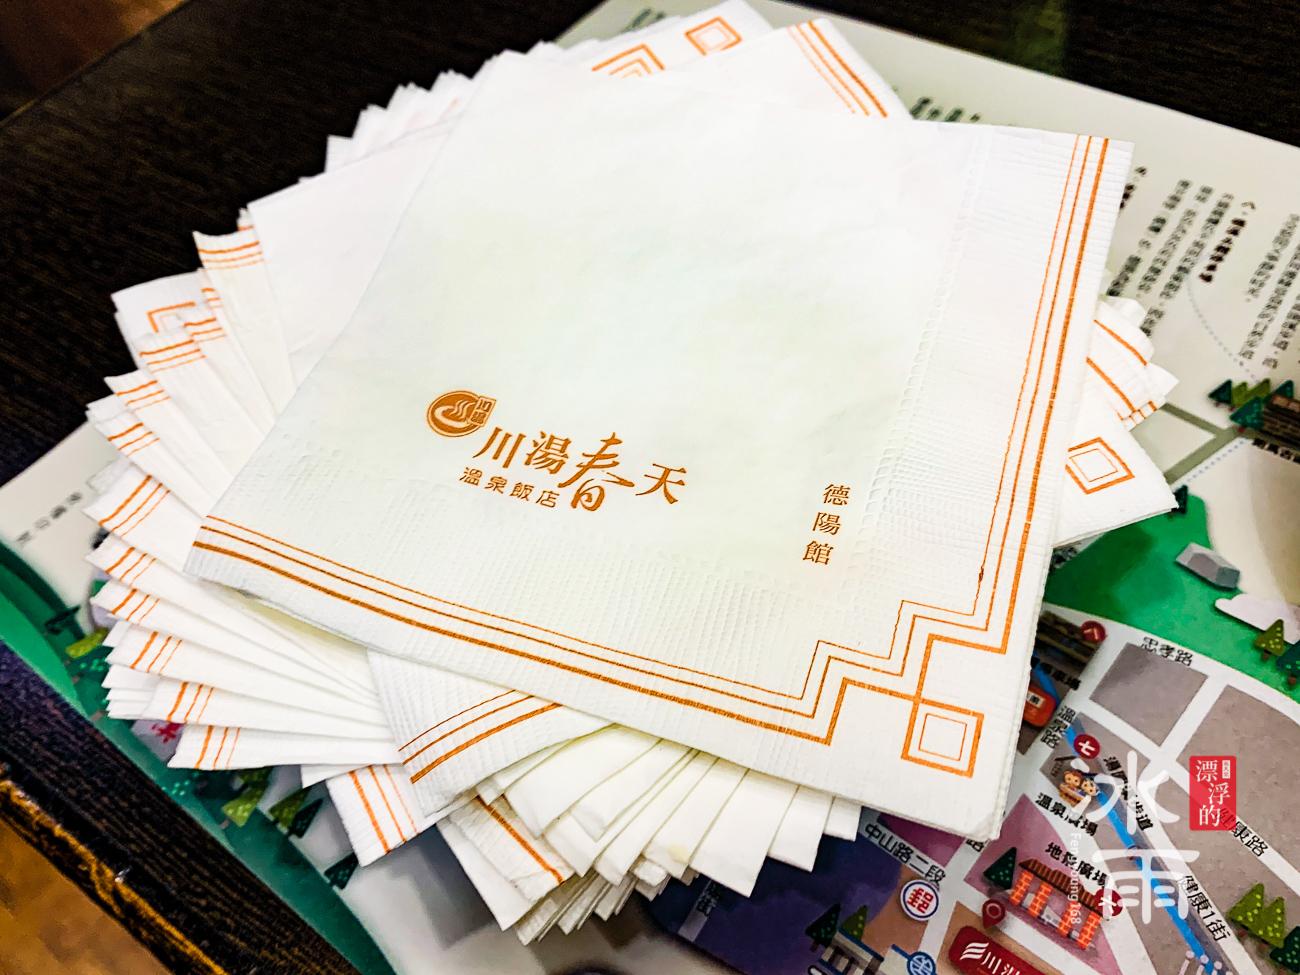 川湯春天溫泉飯店德陽館|早餐|餐巾紙